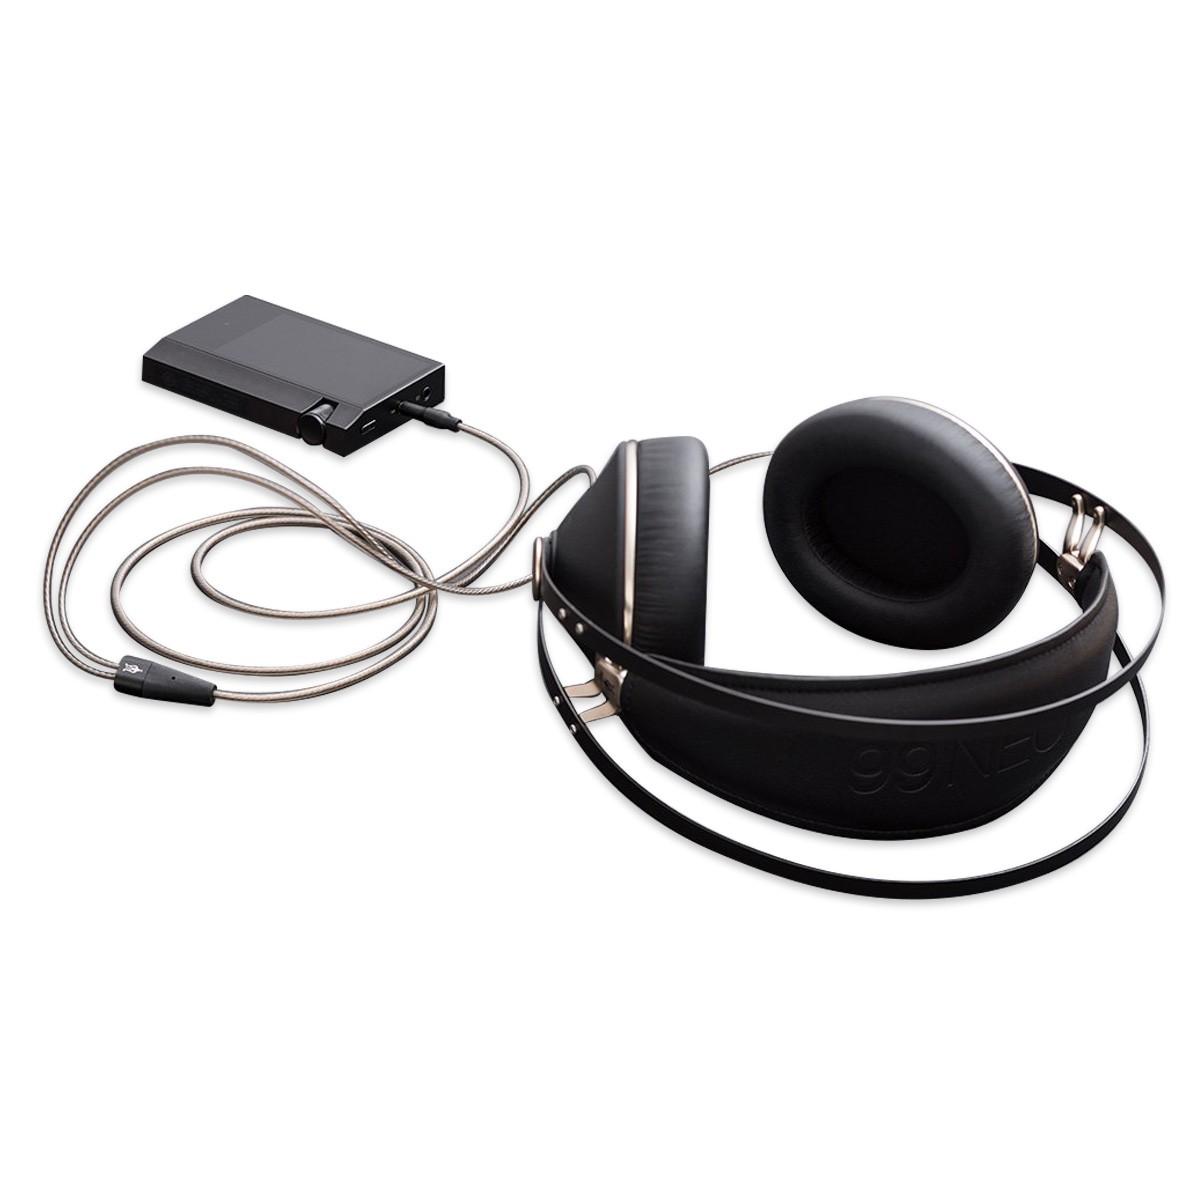 MEZE 99 SERIES Câble de Modulation Jack 2.5mm Symétrique vers 2x Jack 3.5mm Cuivre OFC Plaqué Argent 1.3m